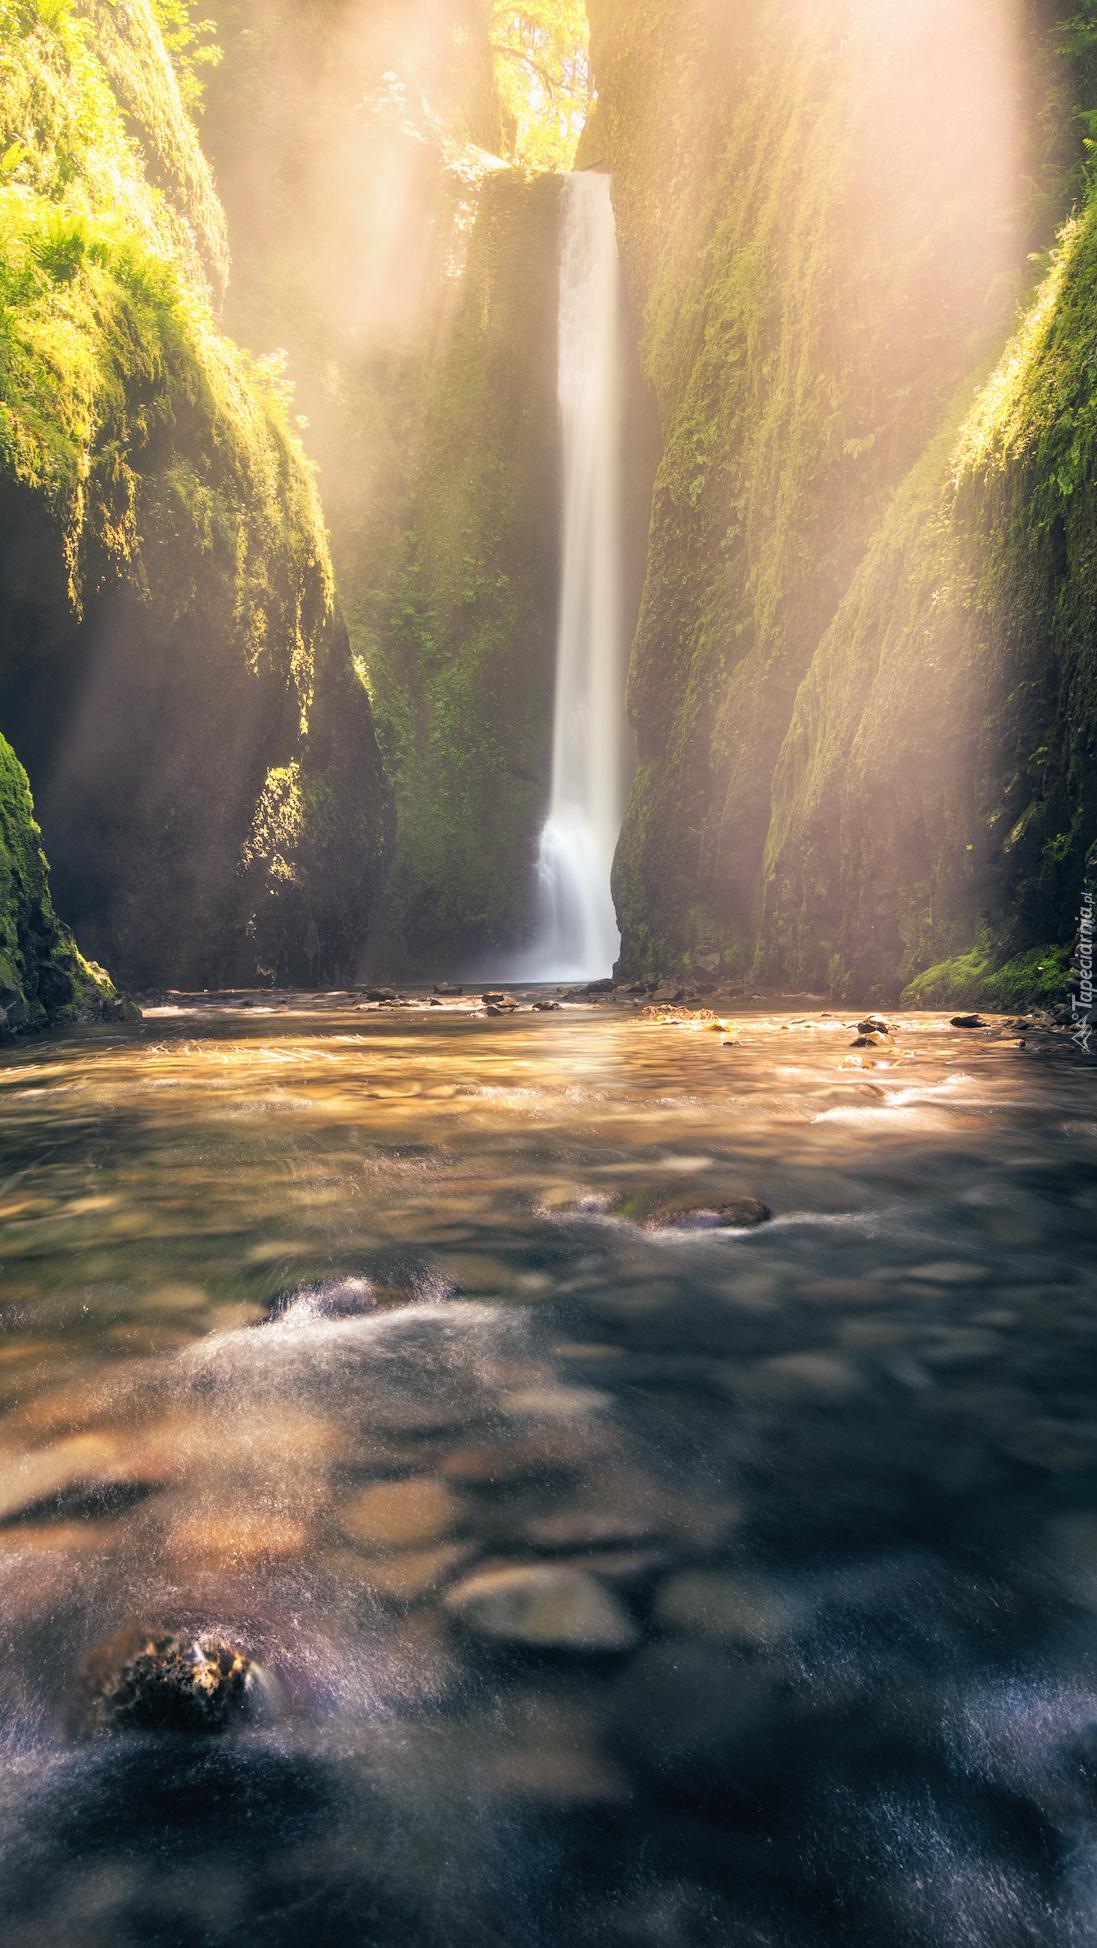 Wodospad Oneonta Gorge